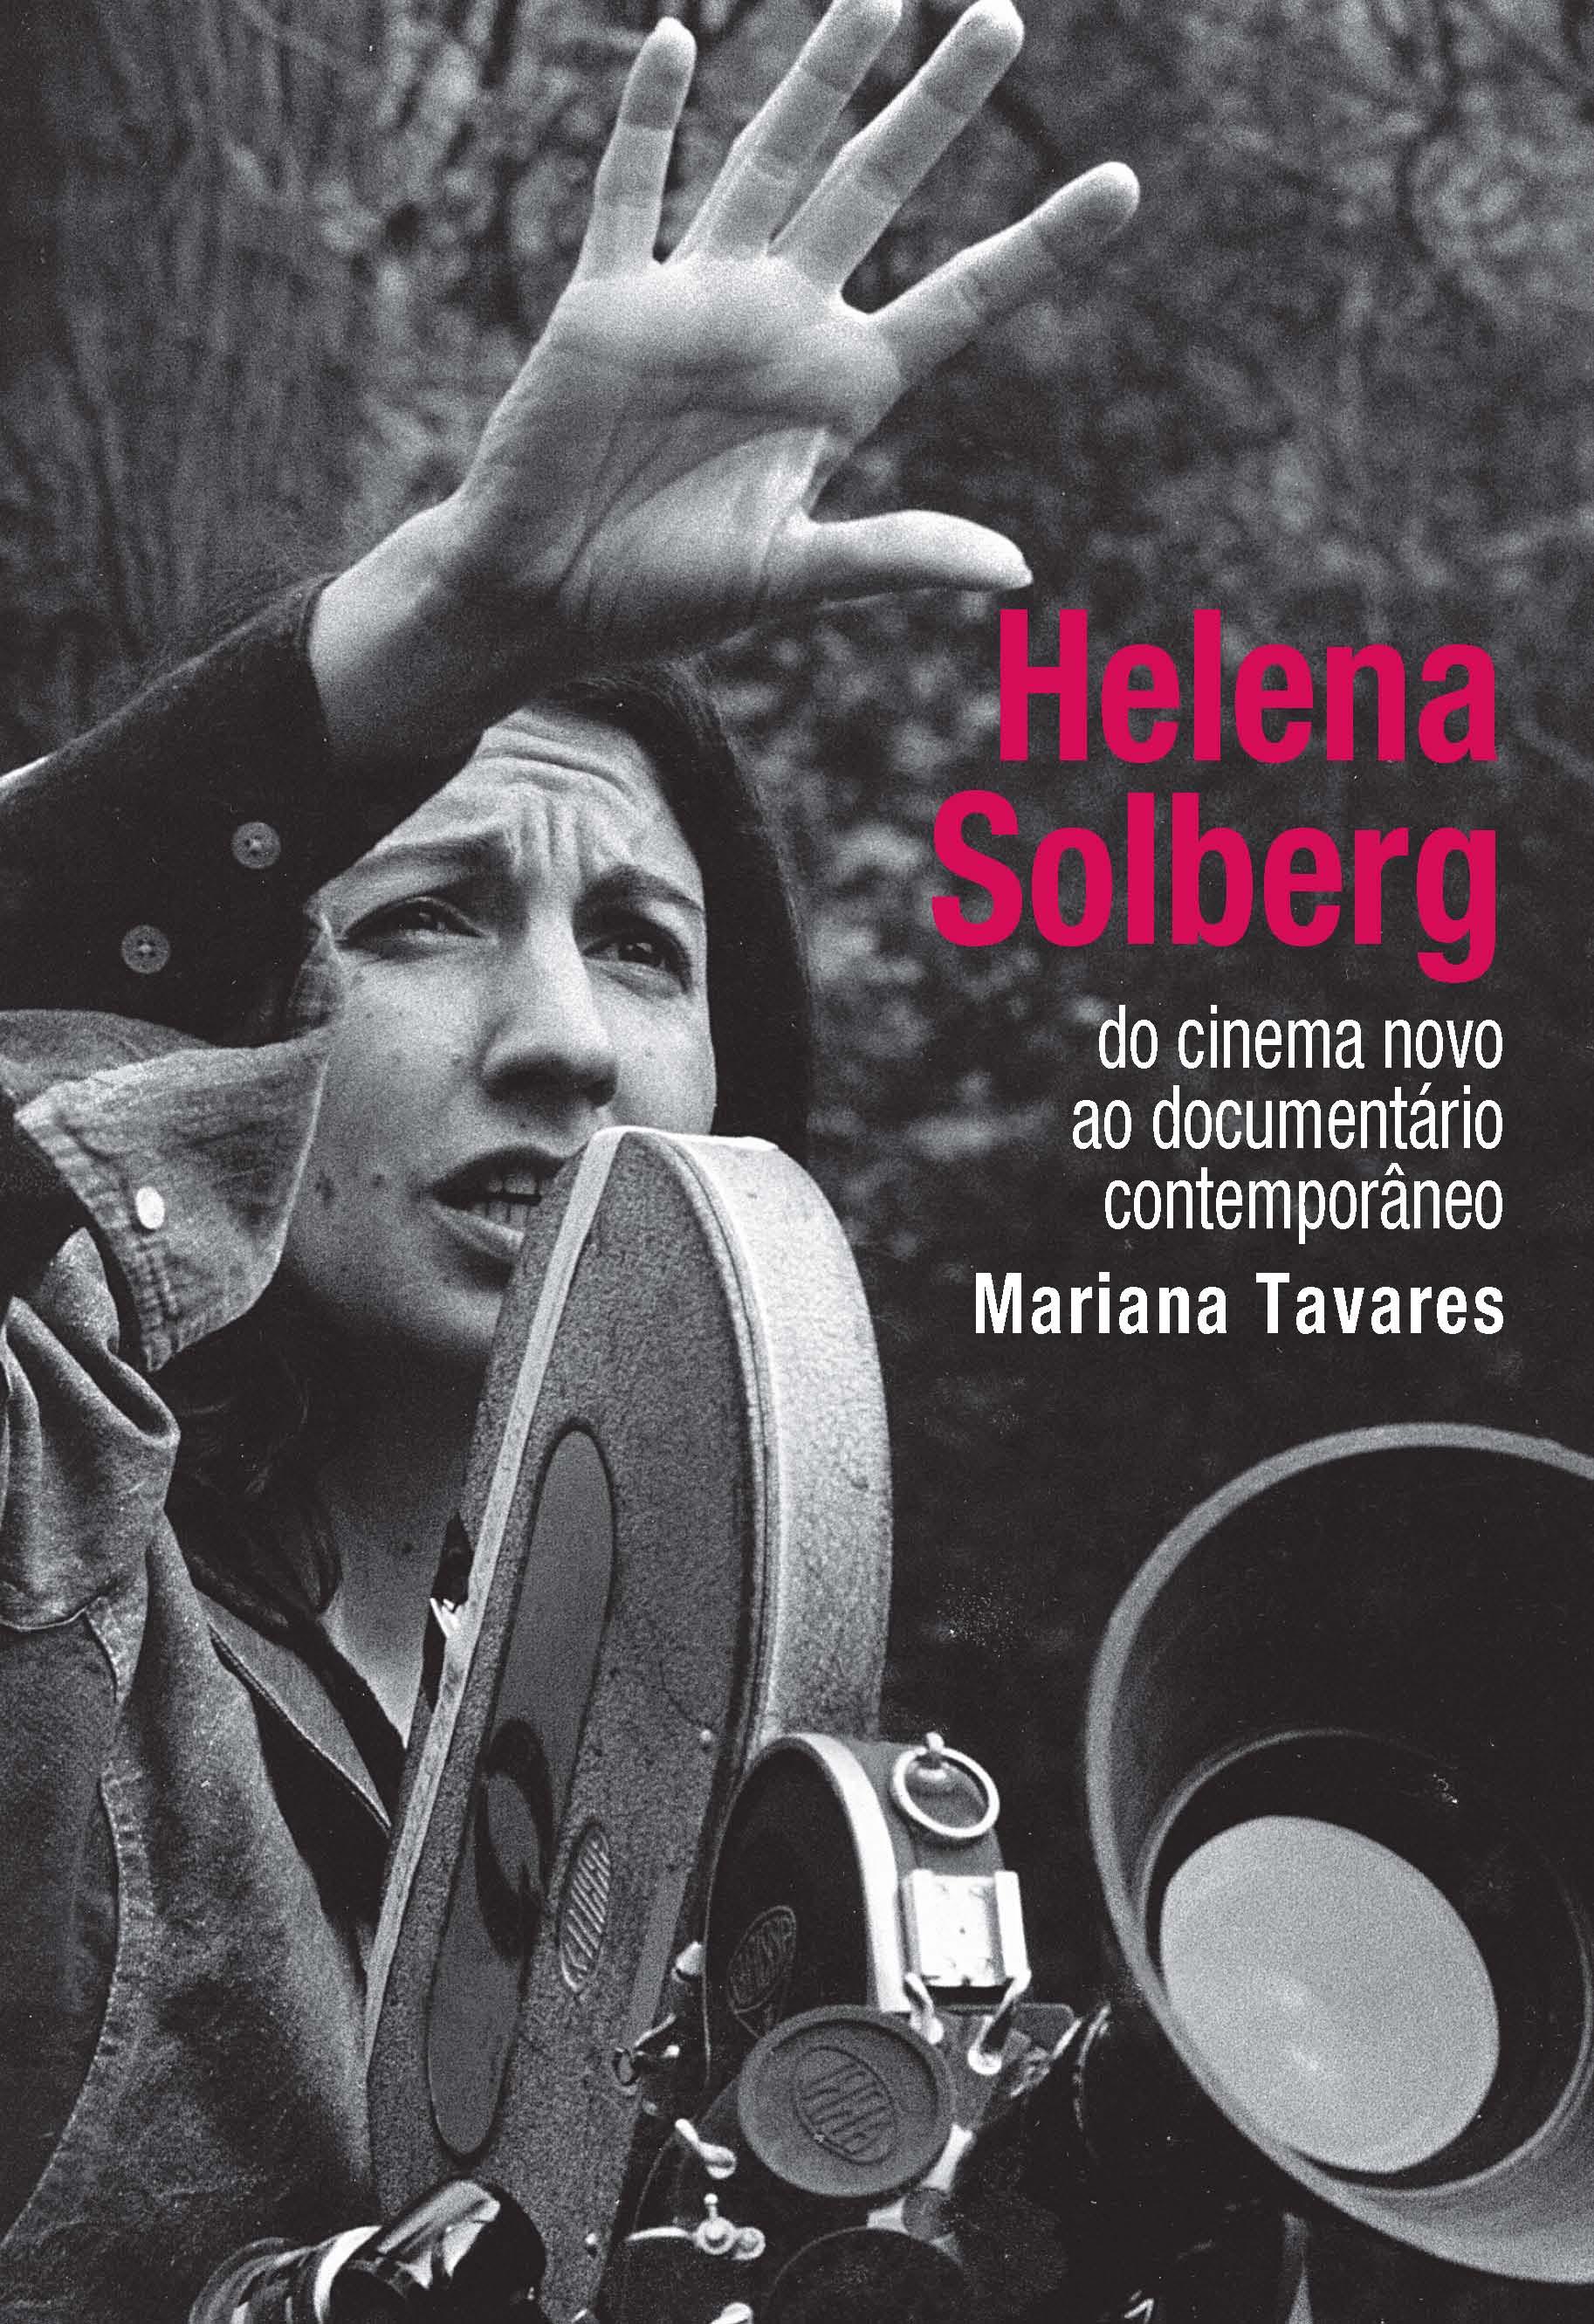 Obra da cineasta Helena Solberg é tema de seminário na EBA; diretora comentará filmes